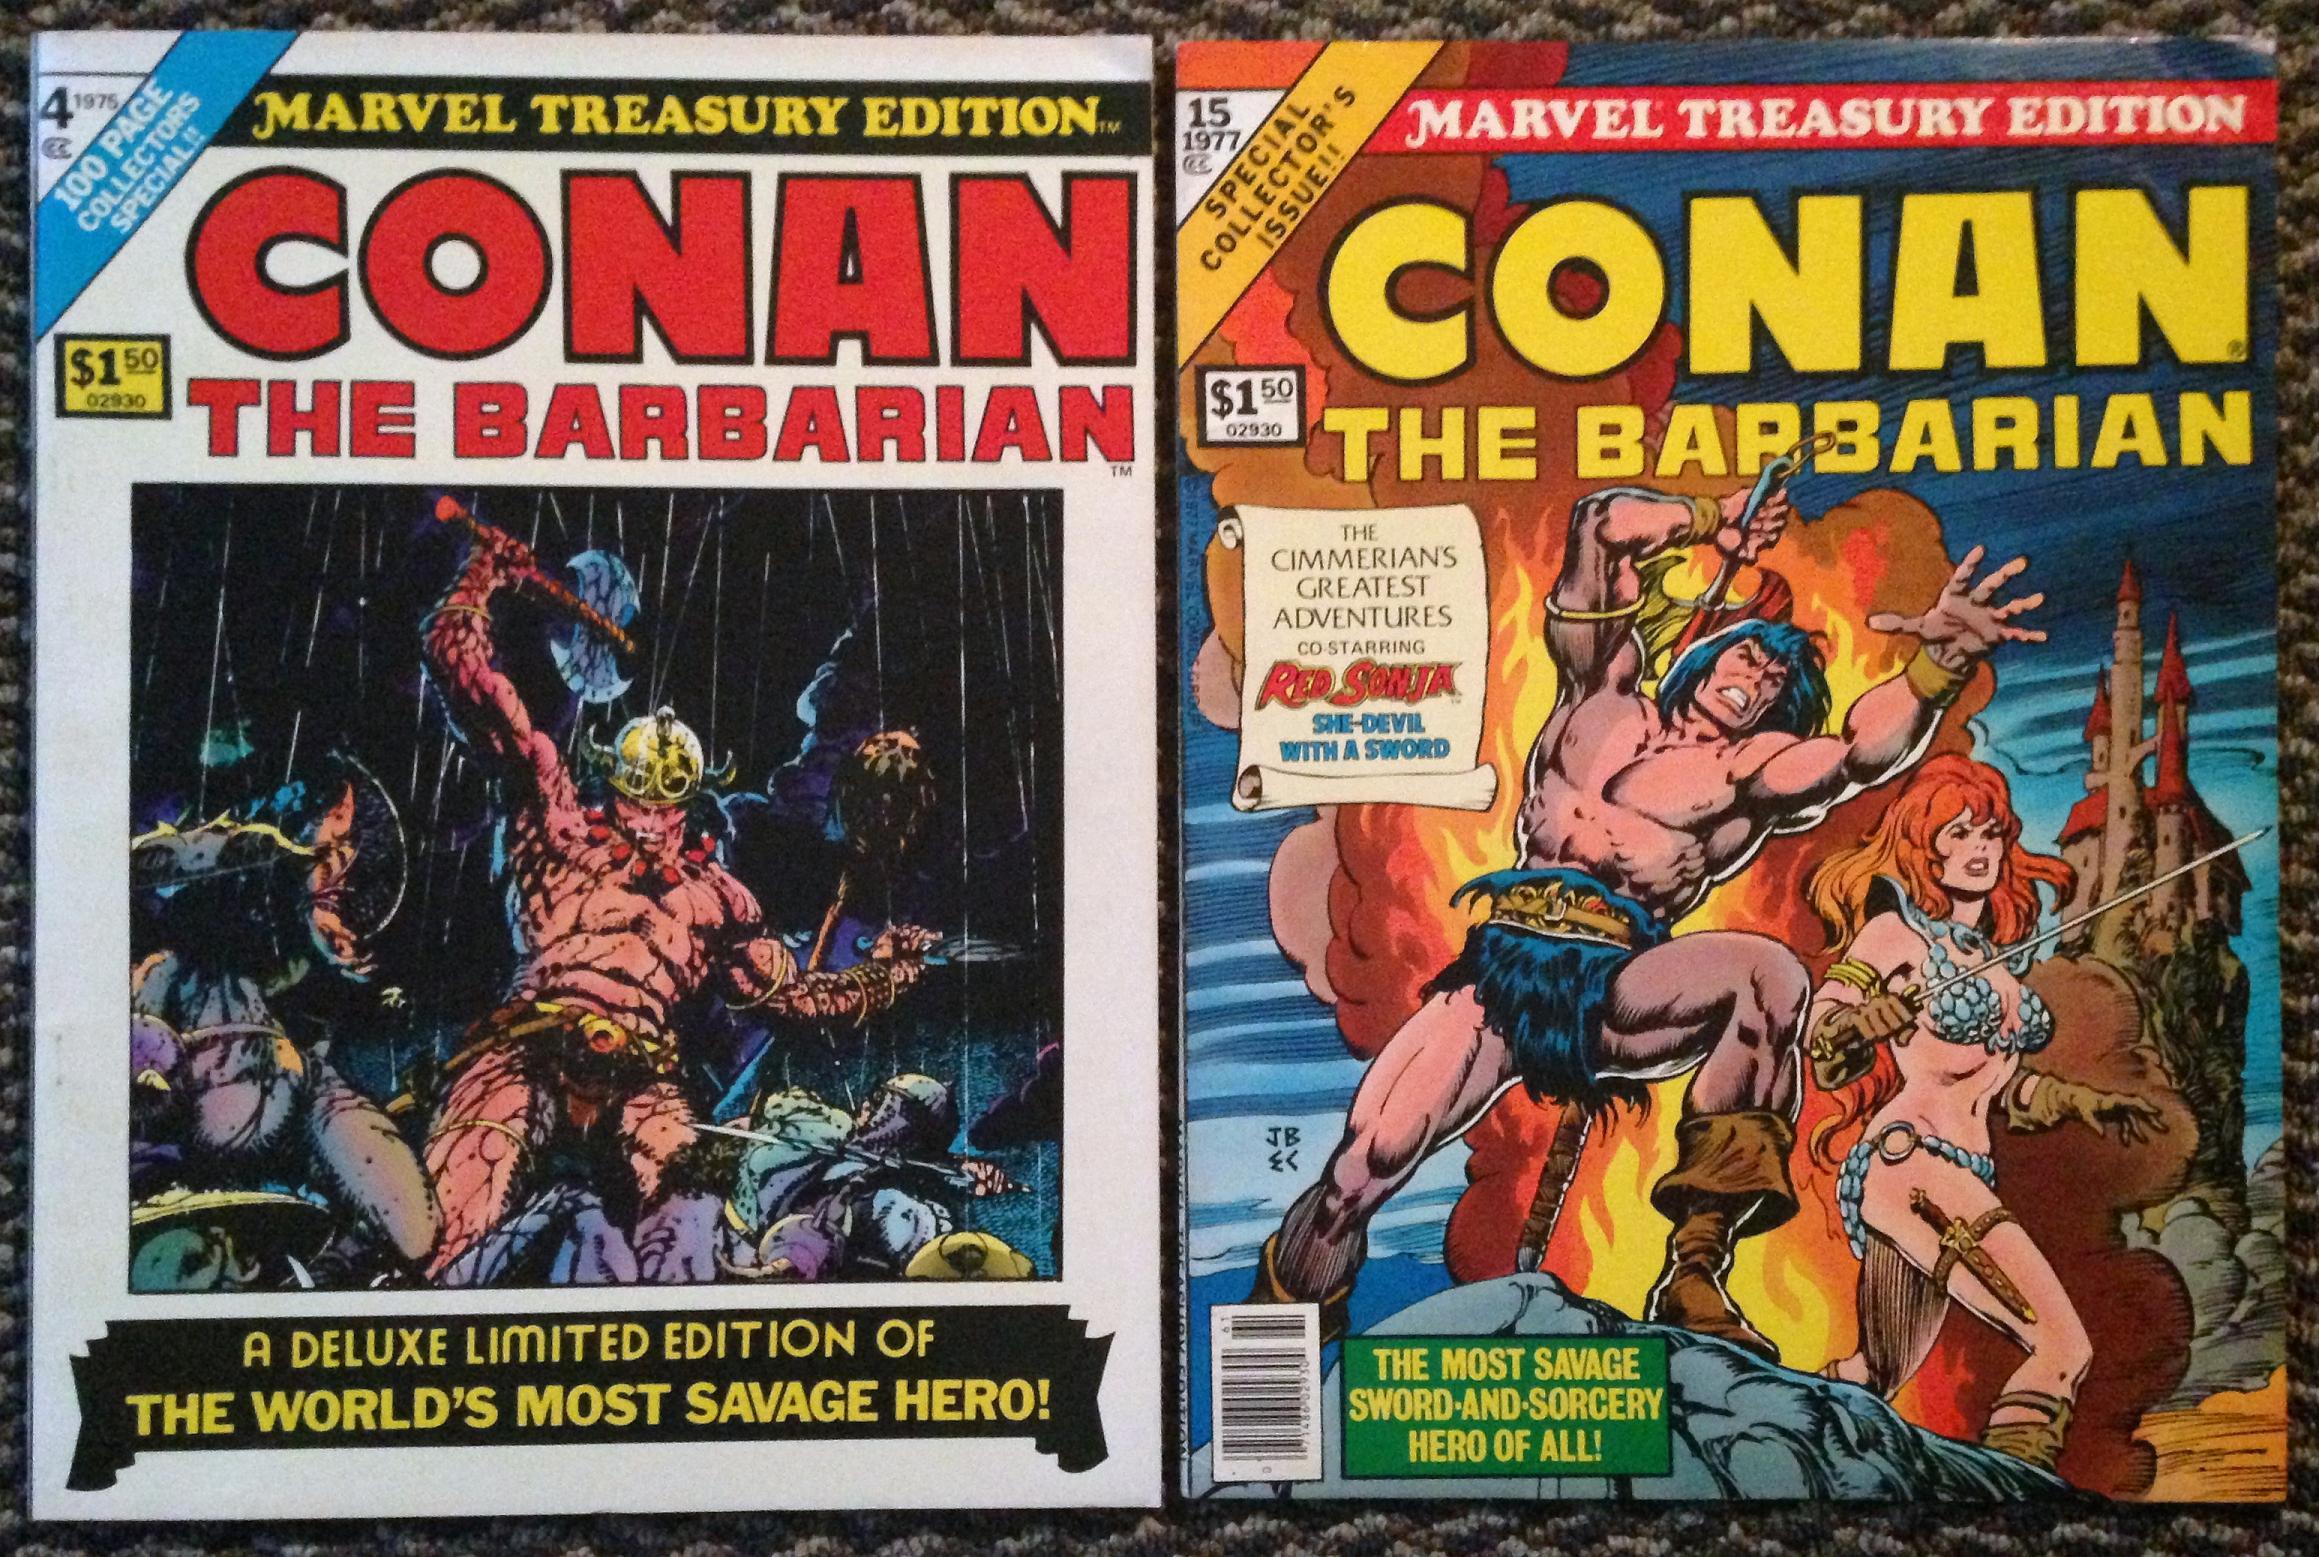 marvel treasury edition conan set (2)